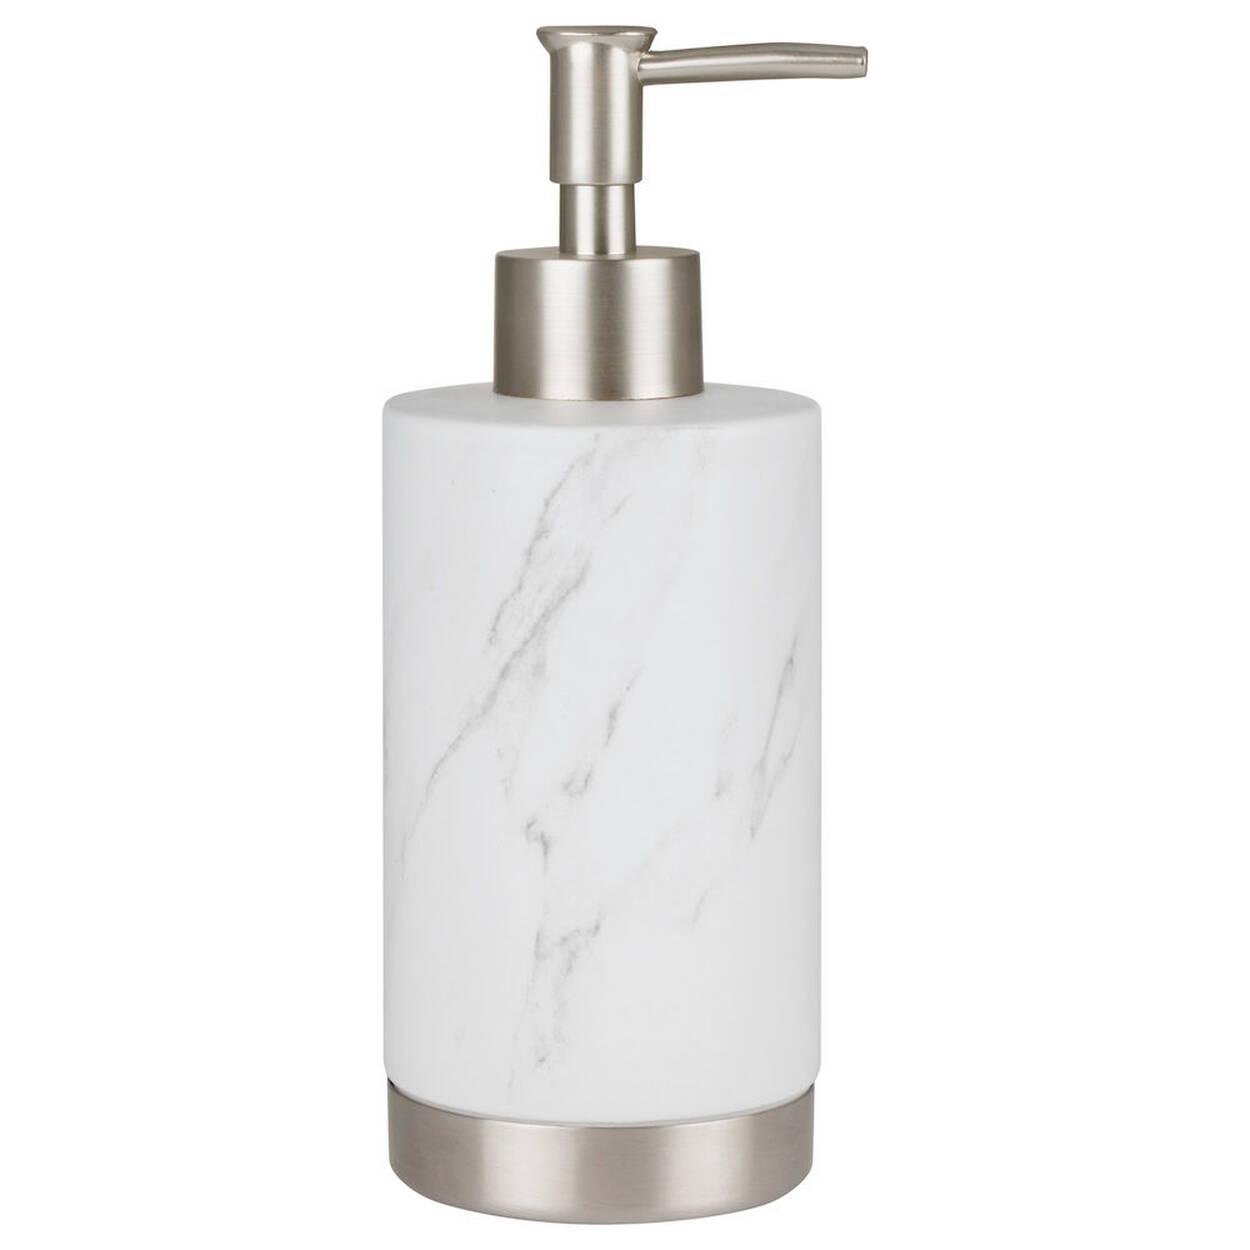 Distributeur de savon en c ramique for Accessoires de salle de bain bouclair